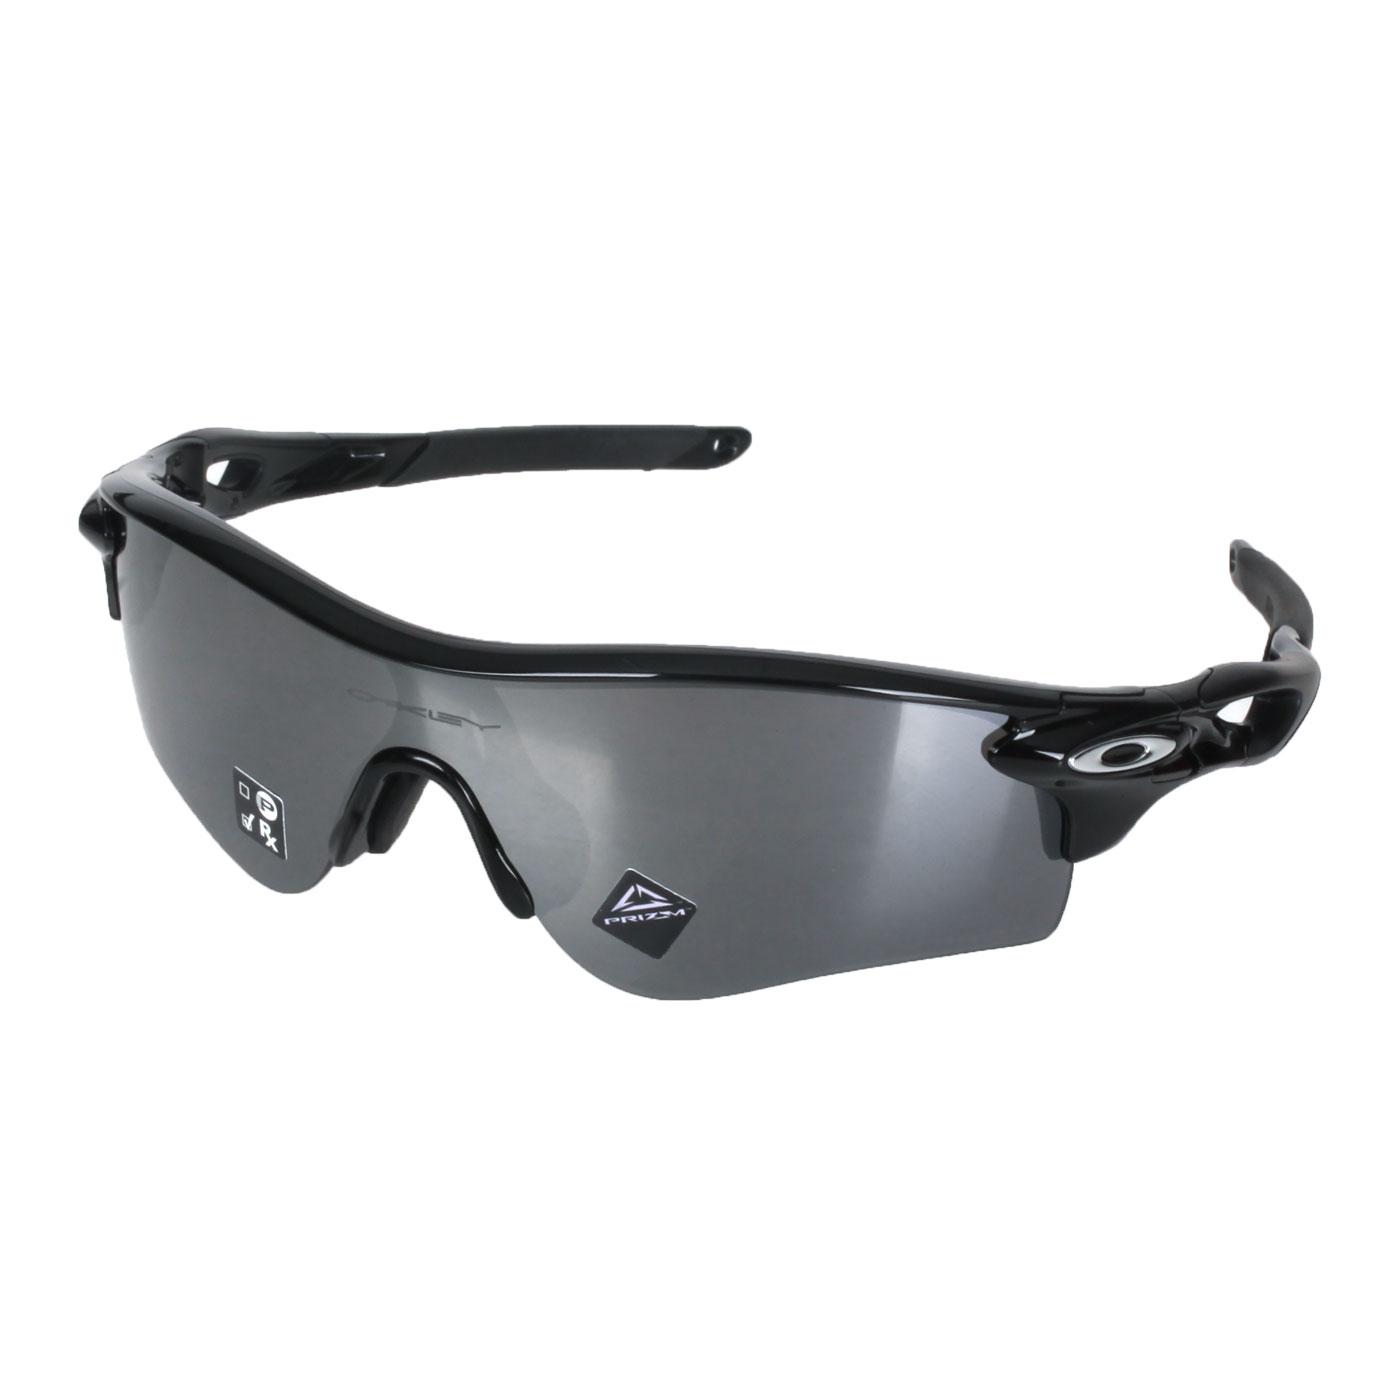 OAKLEY 一般太陽眼鏡(附硬盒鼻墊) OAK-OO9206-4138